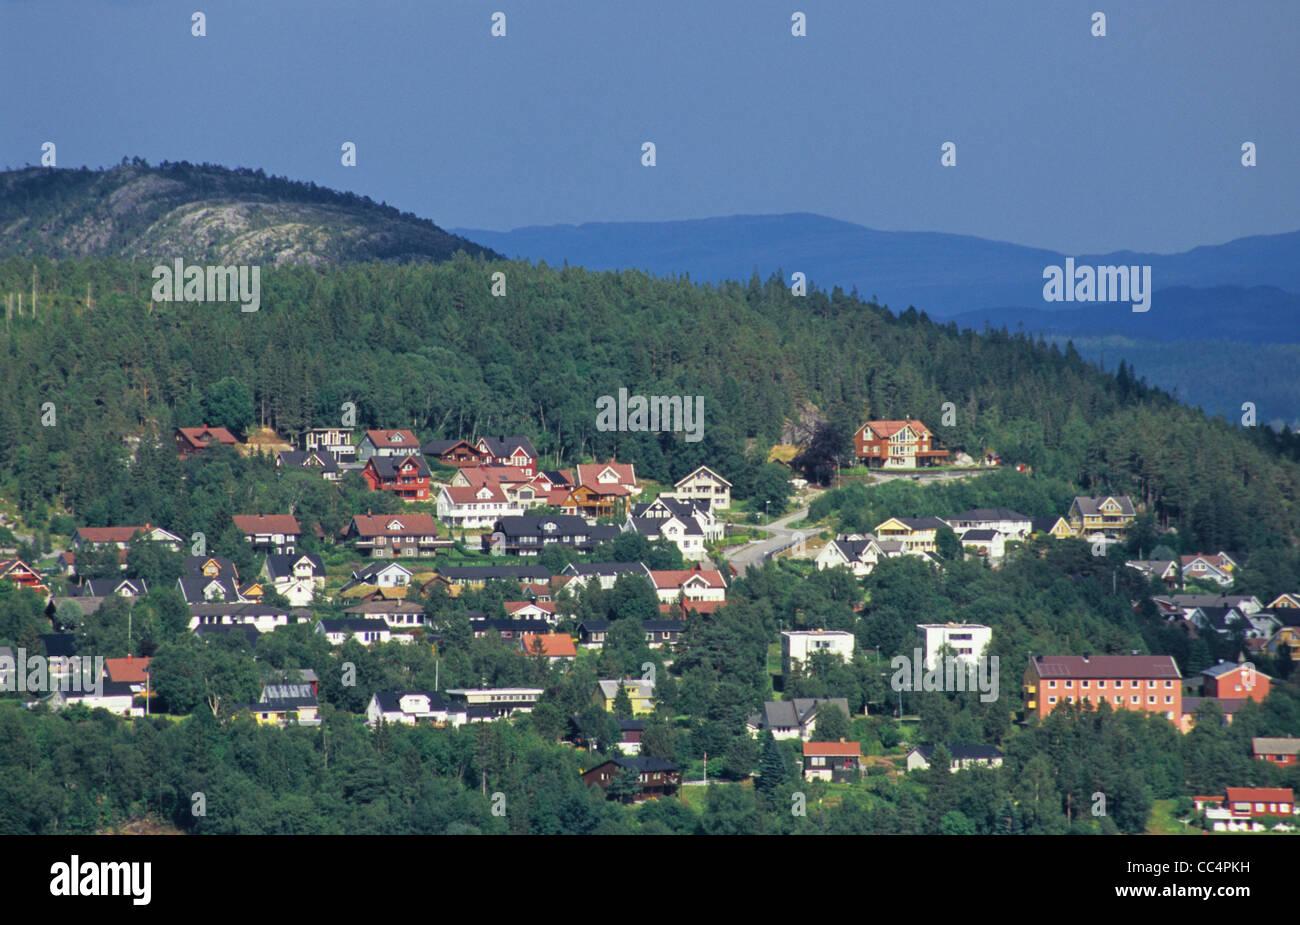 gratis chat norge Namsos